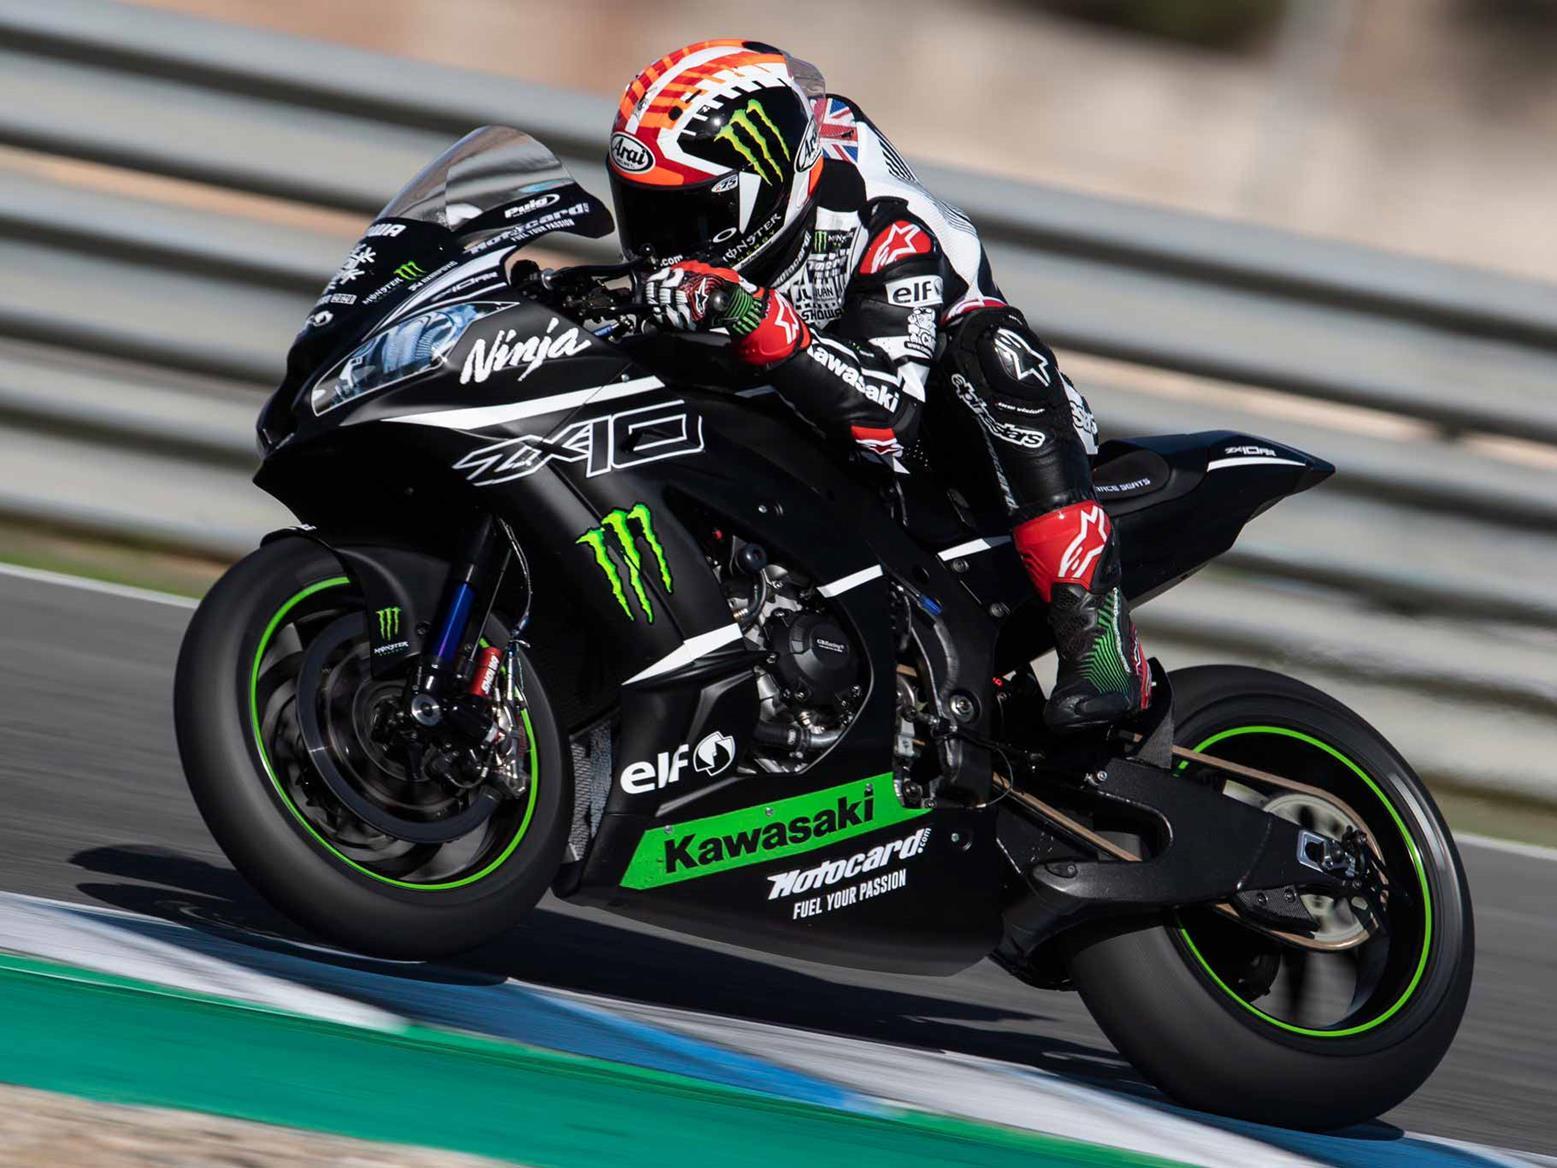 Jonathan Rea testing for Kawasaki